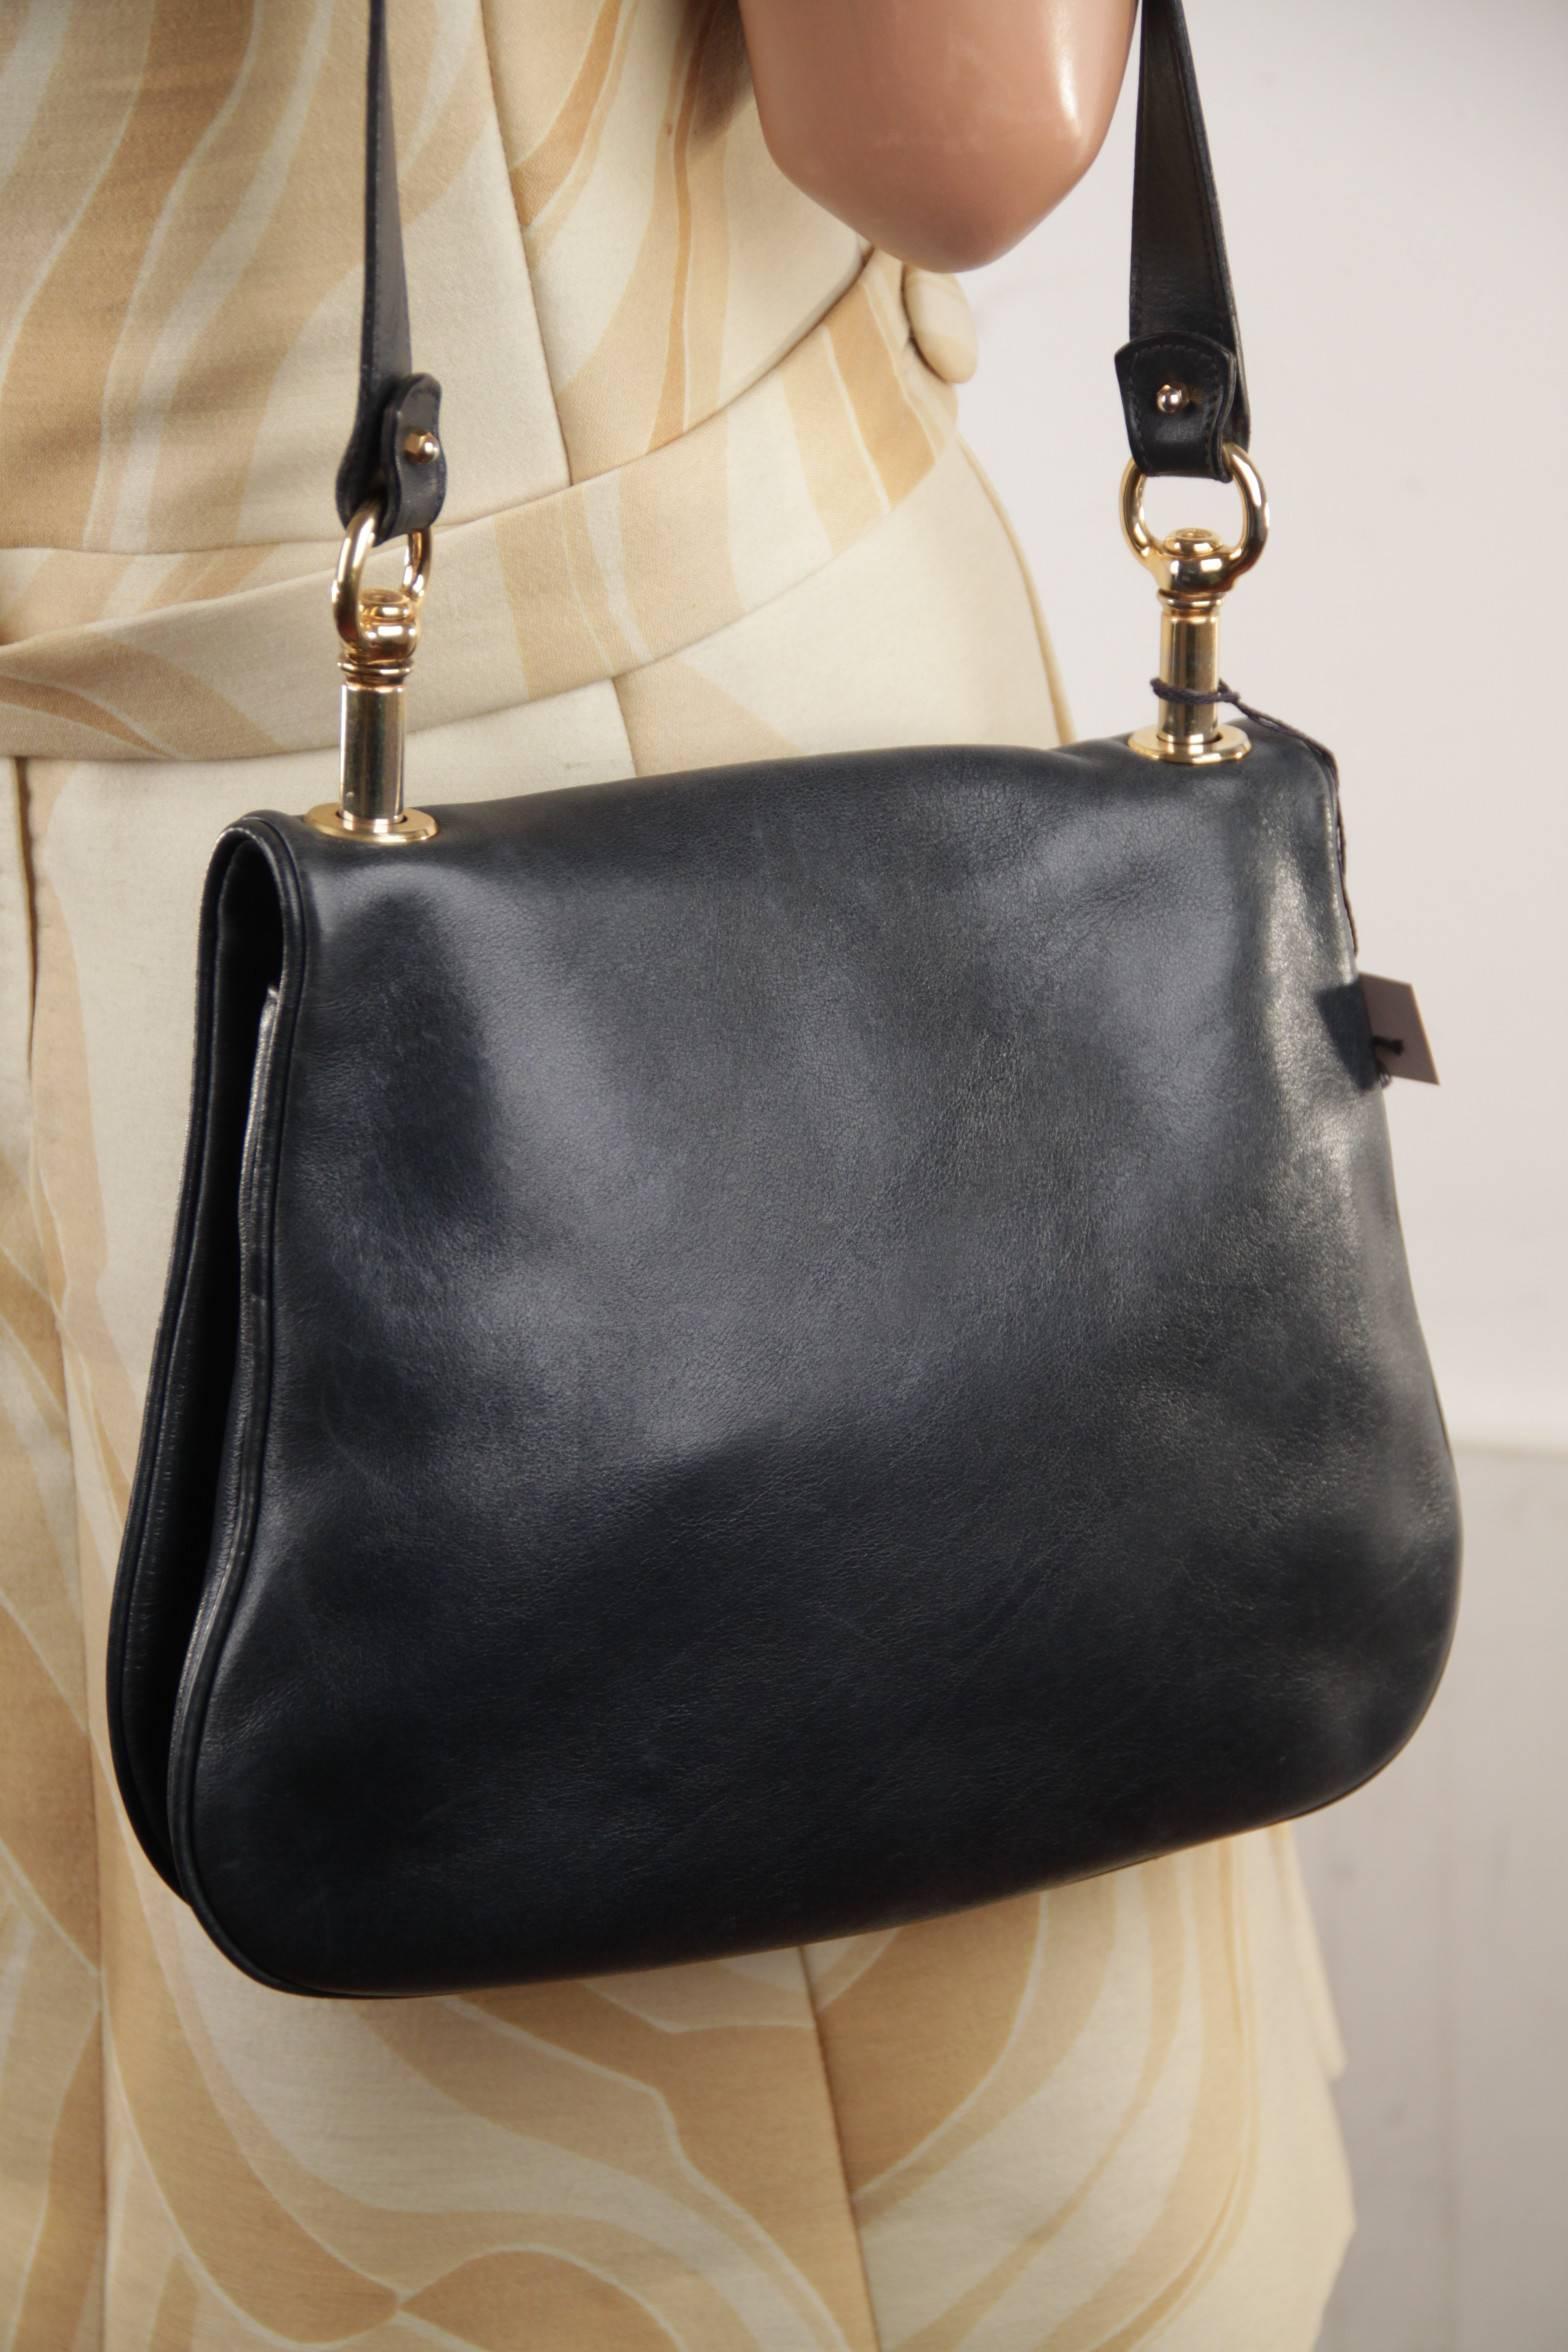 6f533cf4409624 GUCCI Vintage Blue Leather BLONDIE SHOULDER BAG Flap Purse w/ Big GG LOGO  at 1stdibs